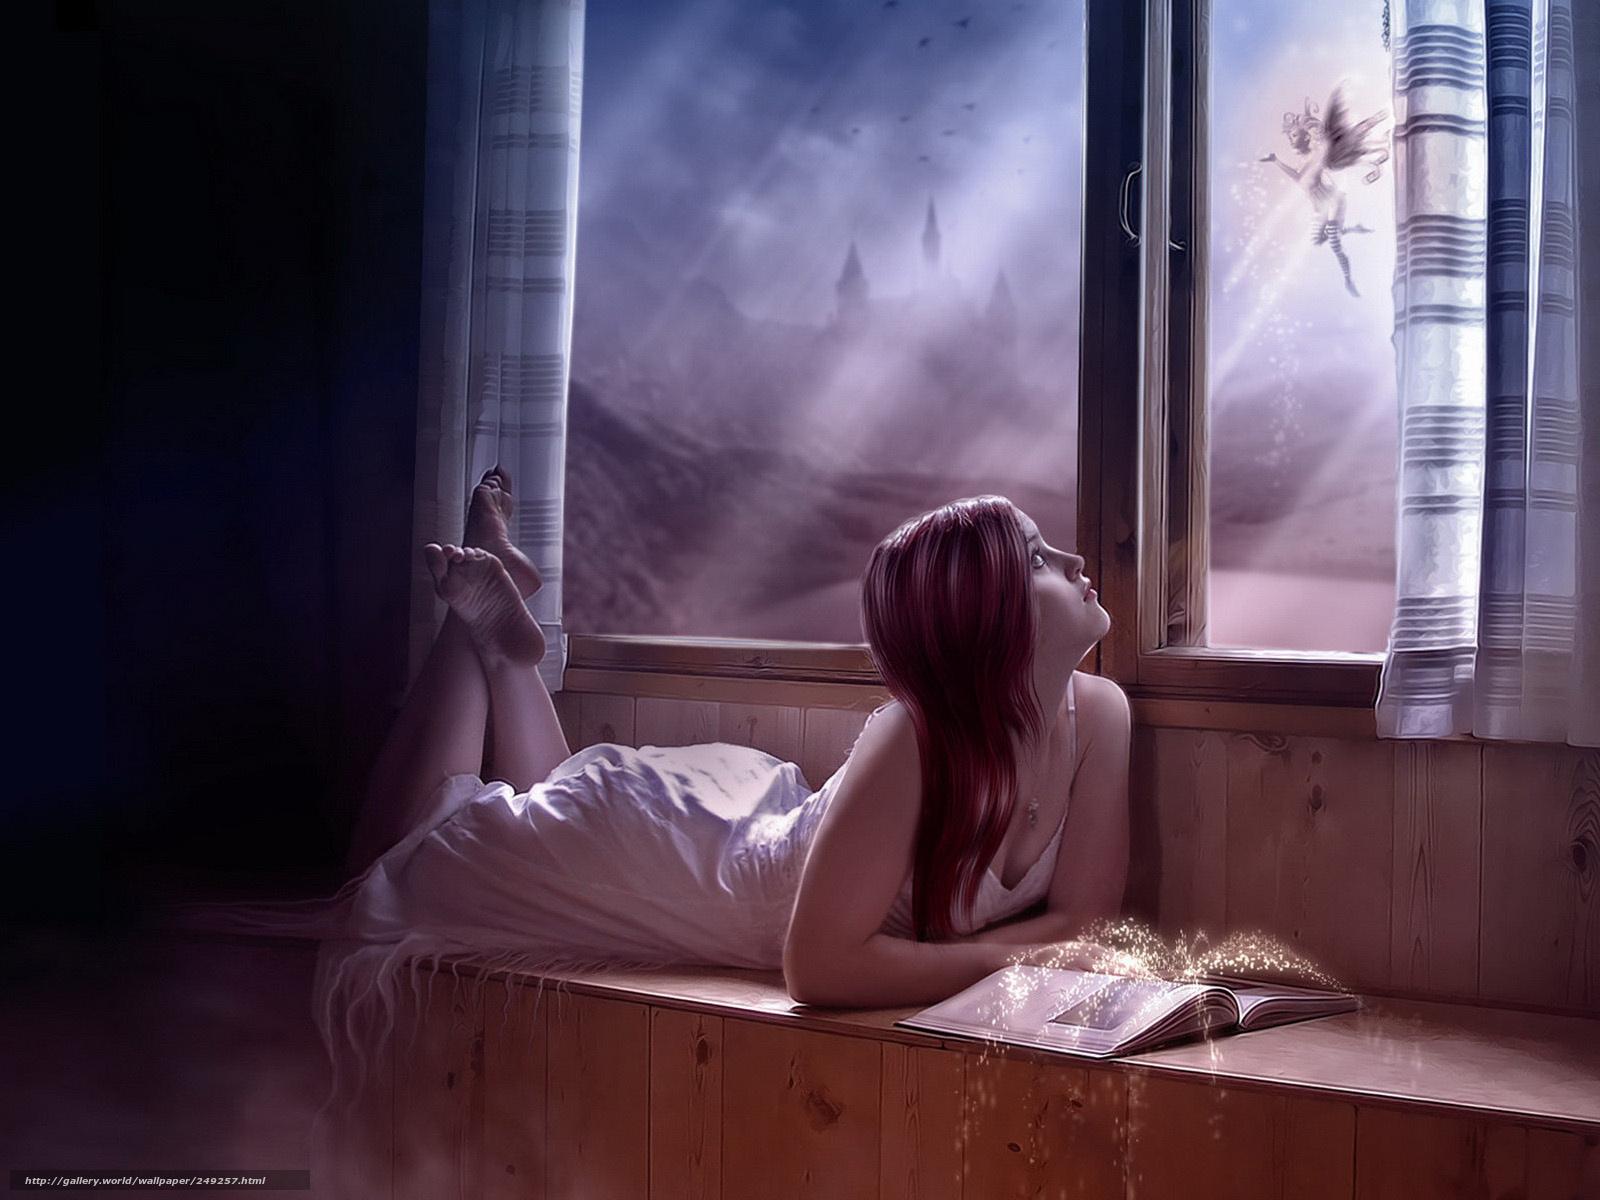 Фотографируя девушек в ночных окнах 3 фотография